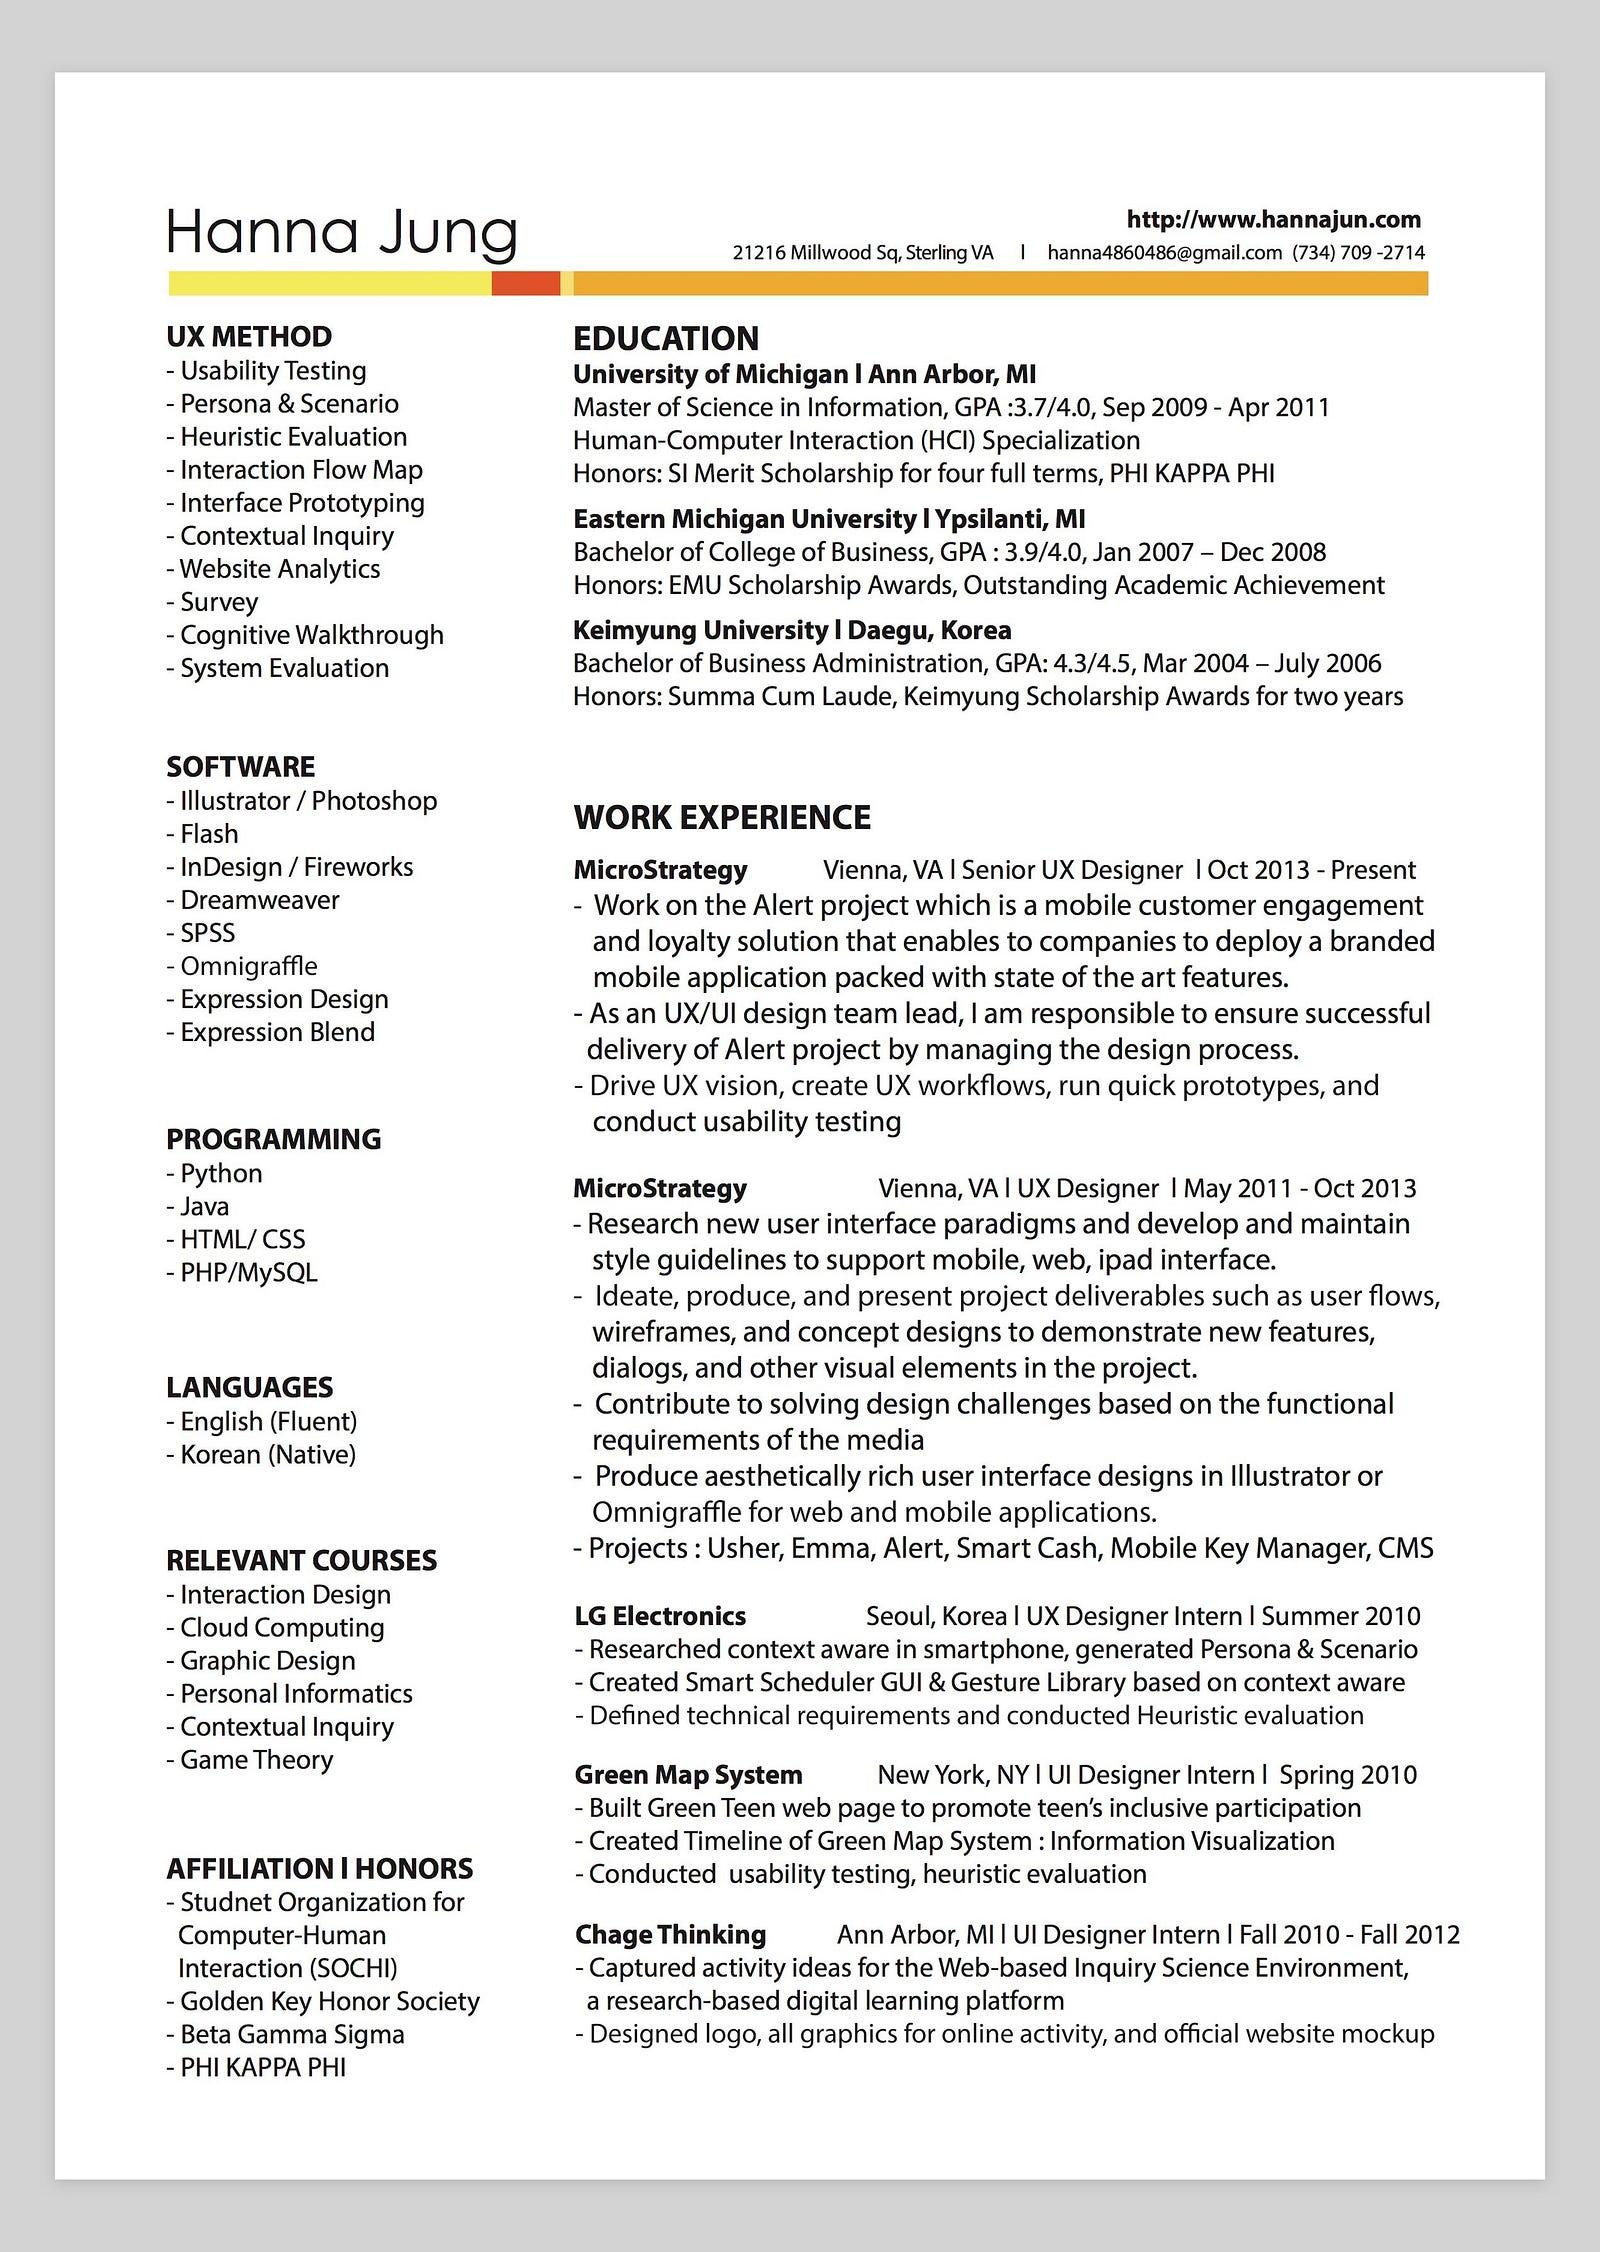 Http://bestfolios.com/resume/hanna-Jung